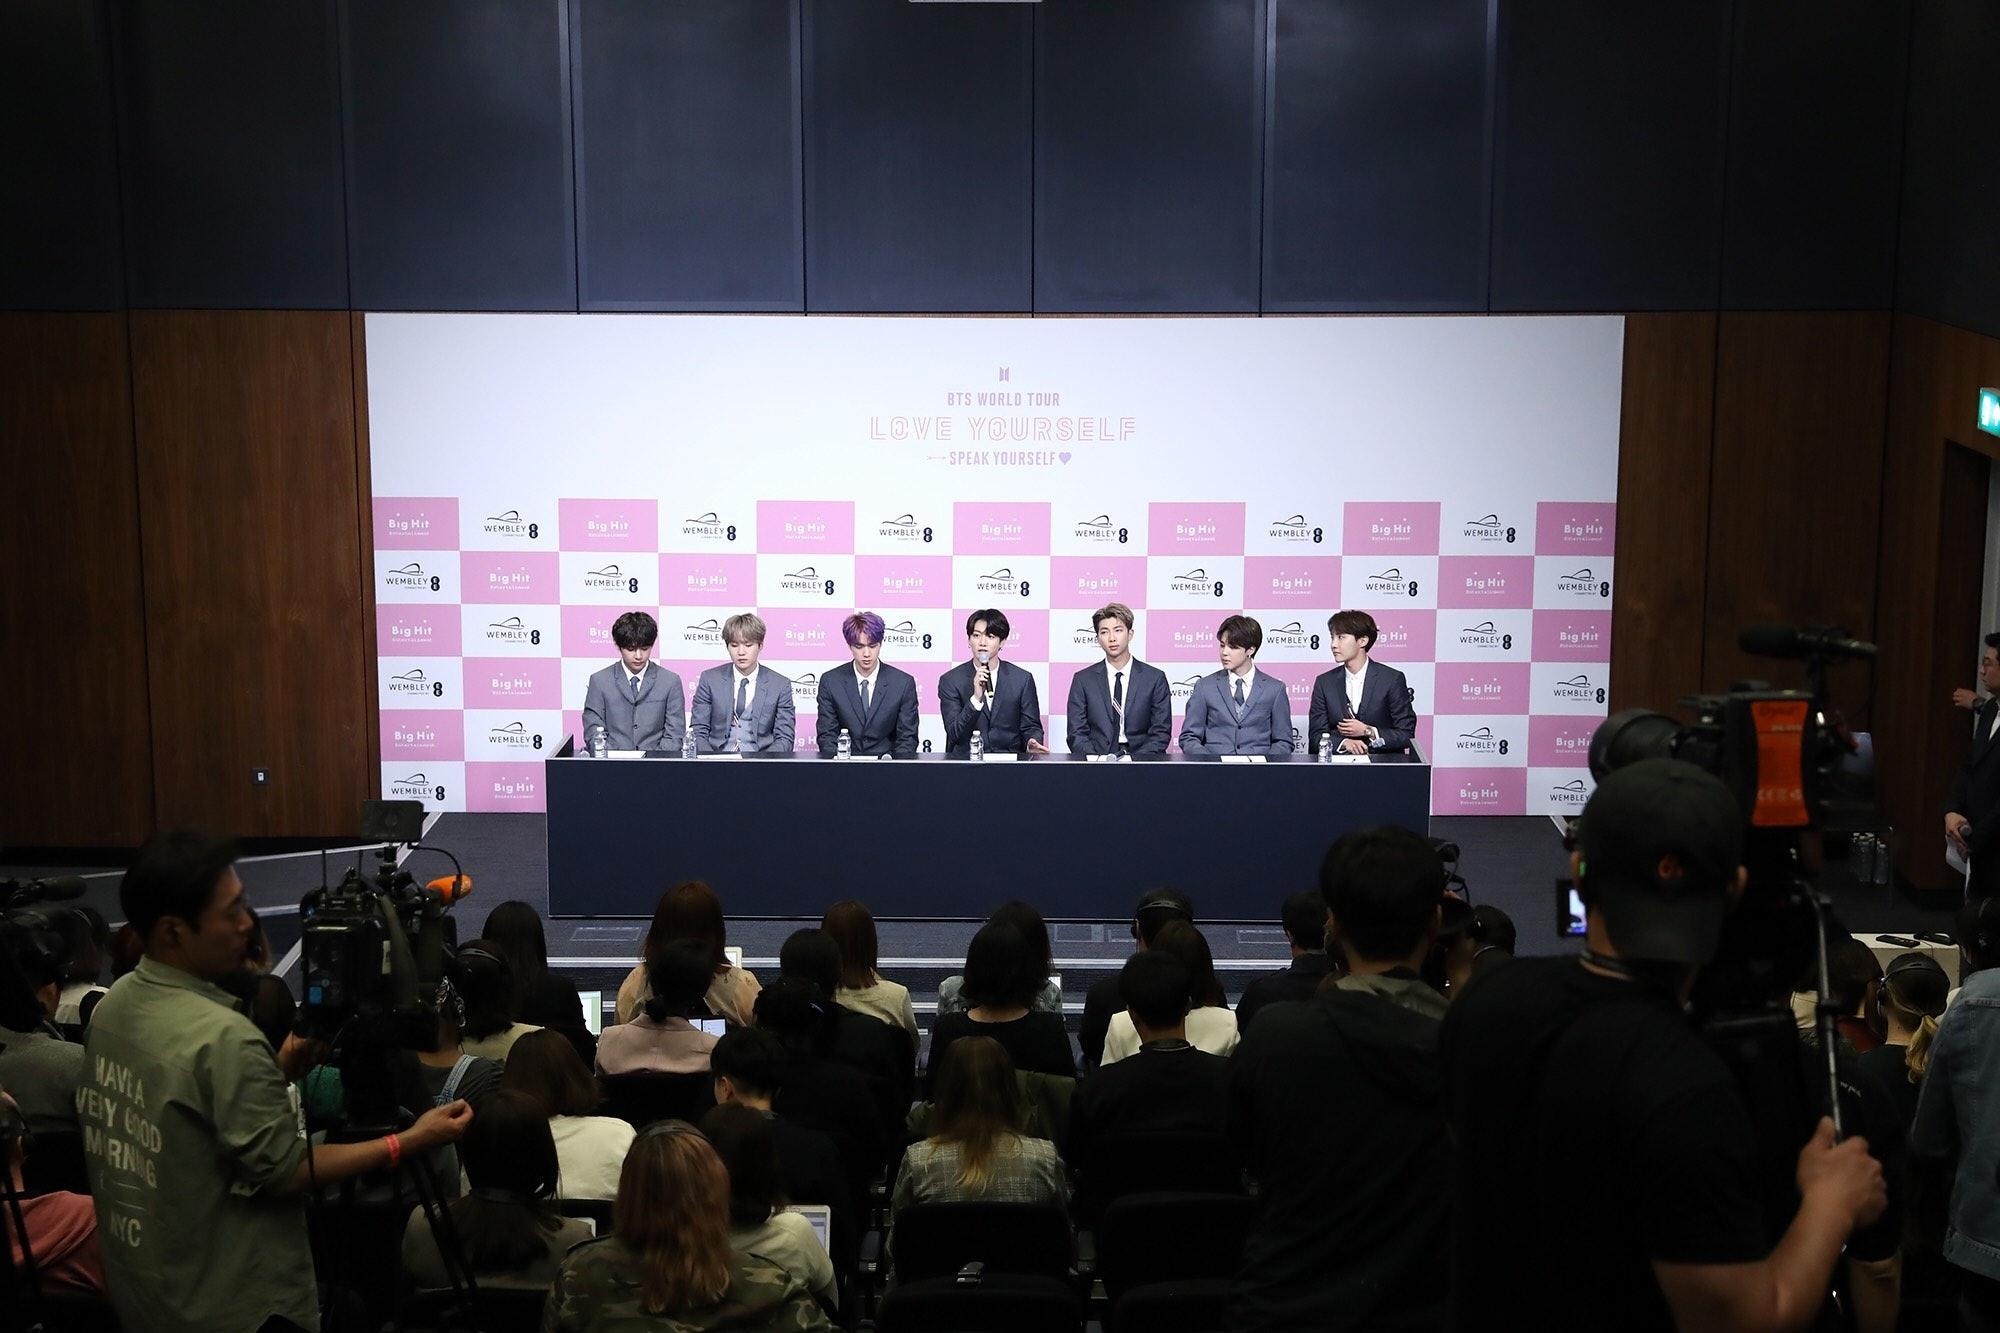 7 BTS At Wembley Photos That Prove These K-Pop Legends Put